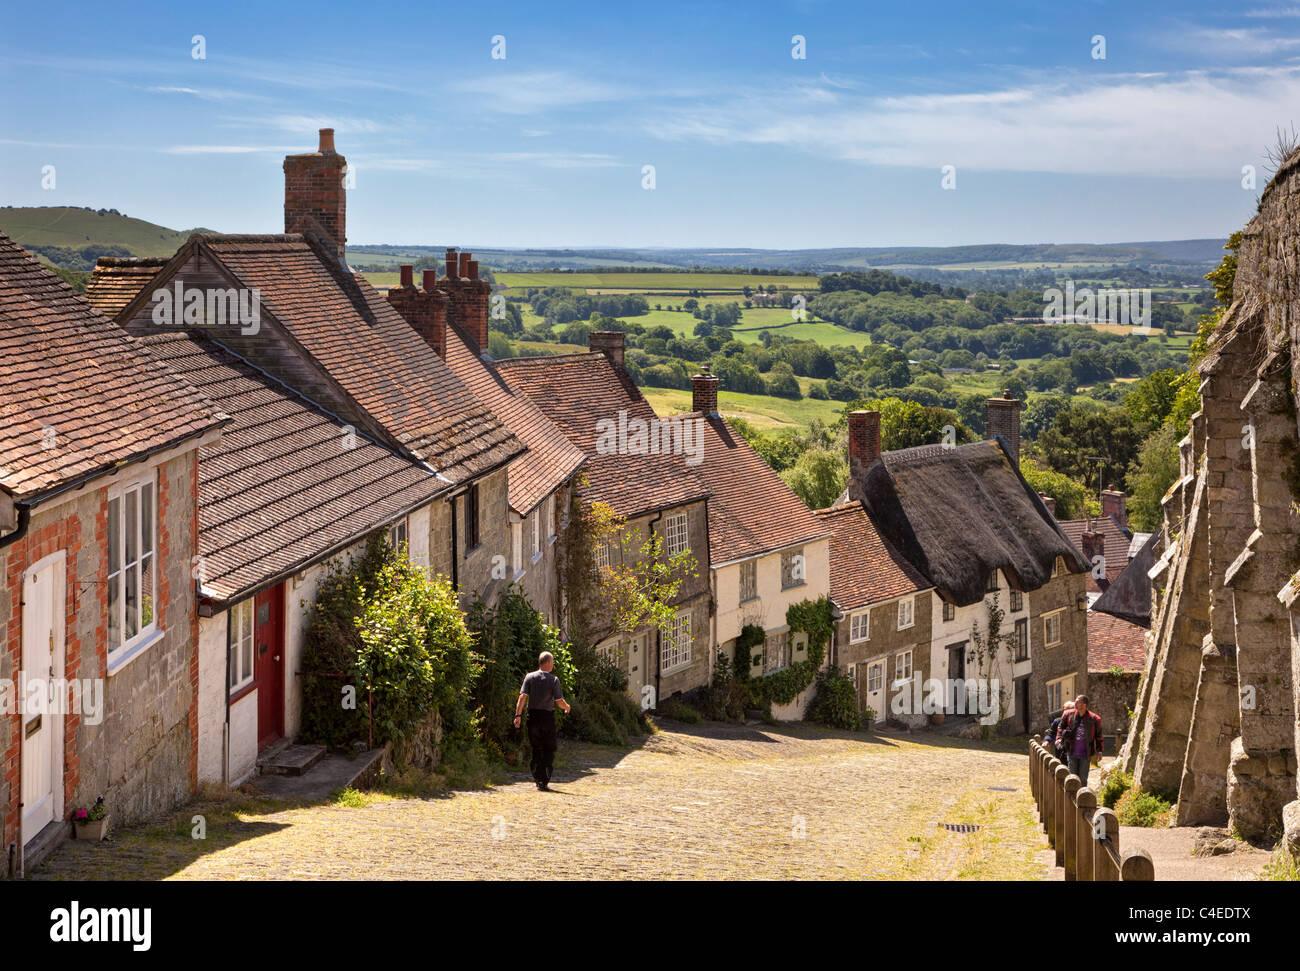 Dorset UK - Gold Hill, Shaftesbury, Dorset, England, UK - Stock Image